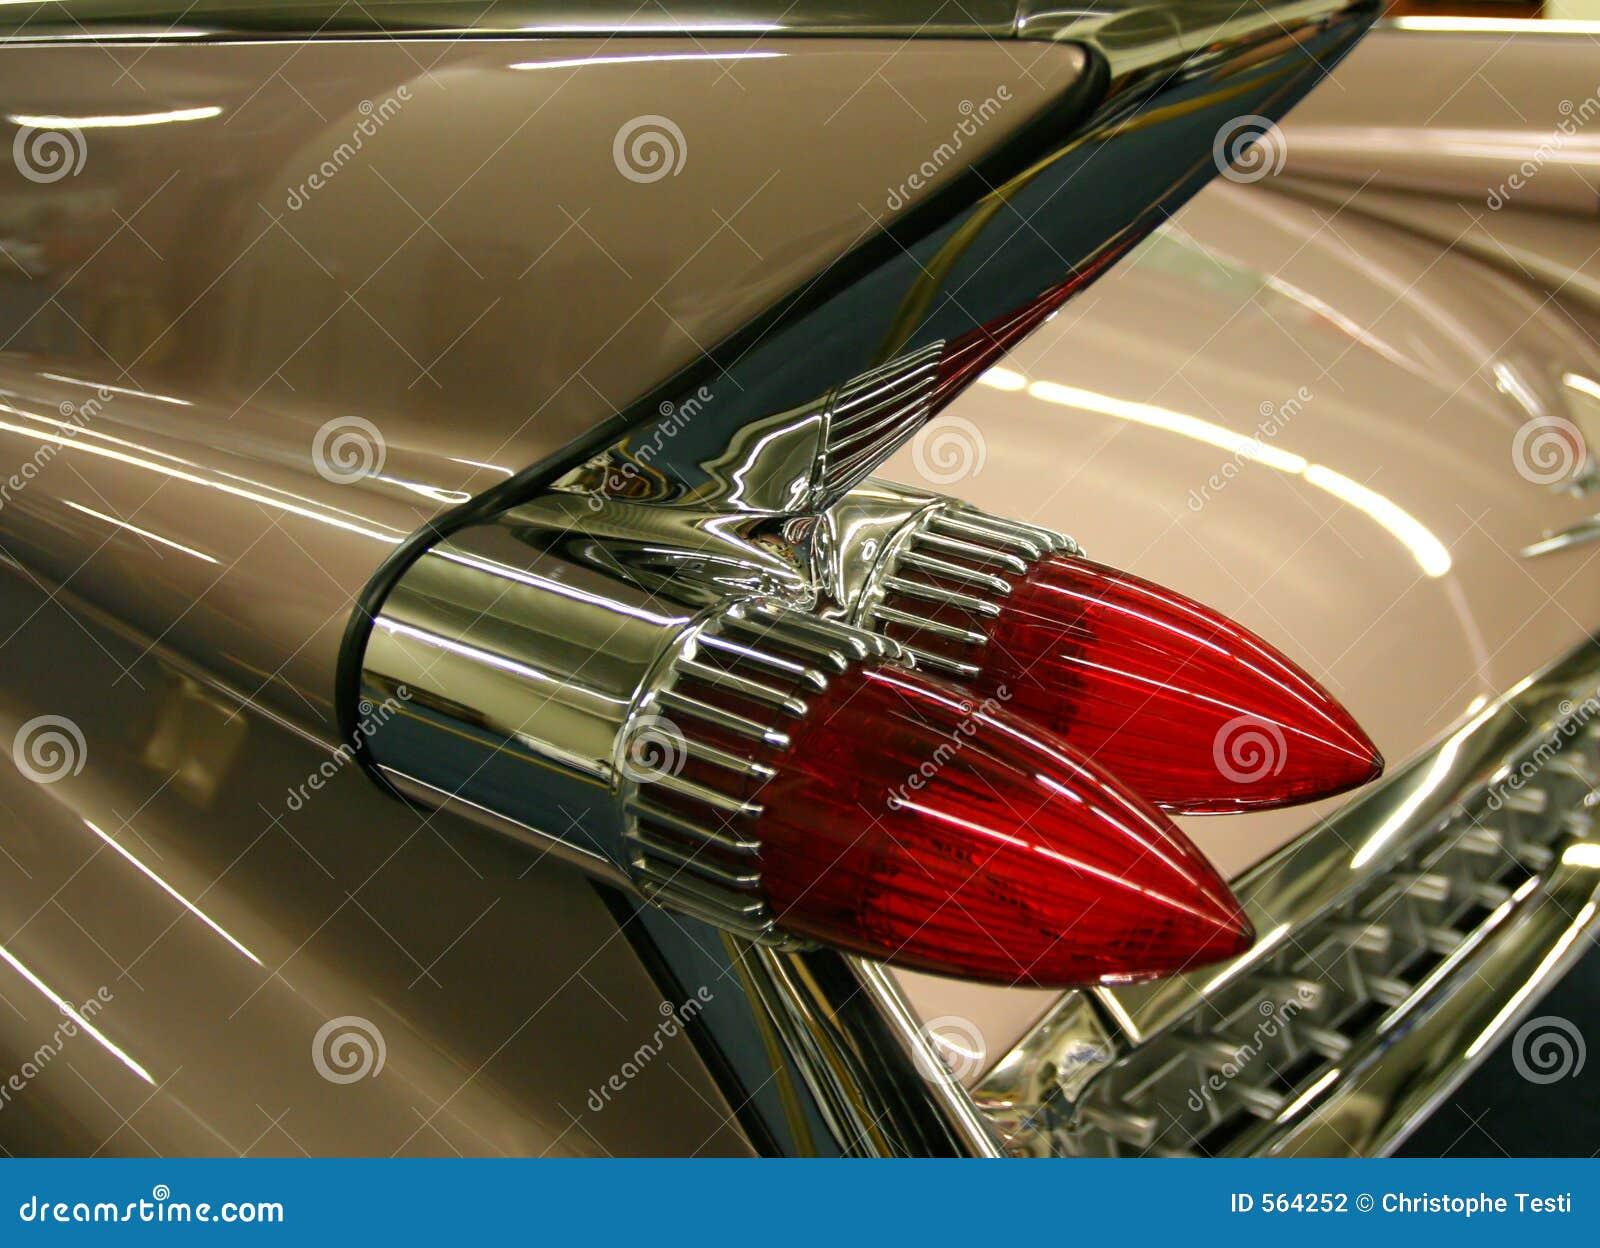 Detalhe do carro antigo